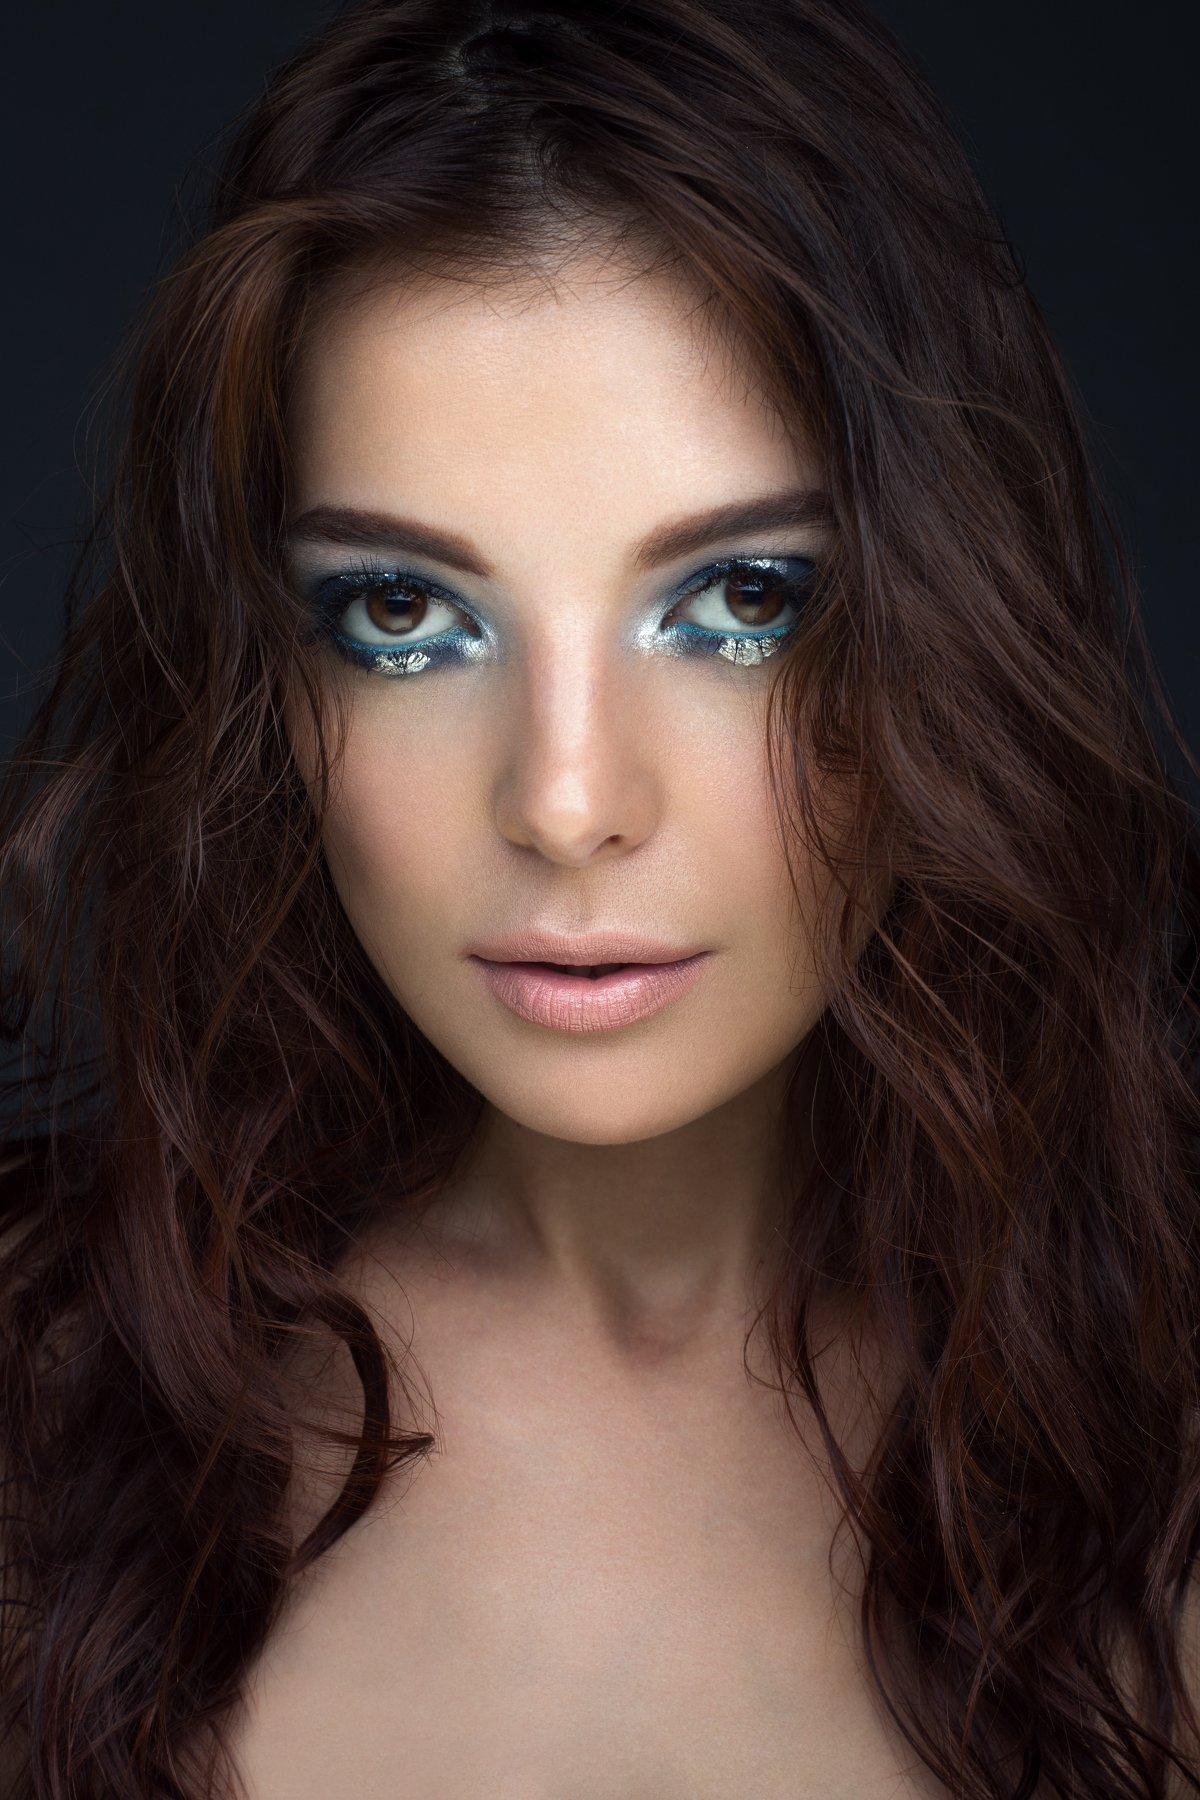 портрет, девушка, студия, взгляд, макияж,  portrait, girl, beauty, beautiful, make up, Бесценный Артём